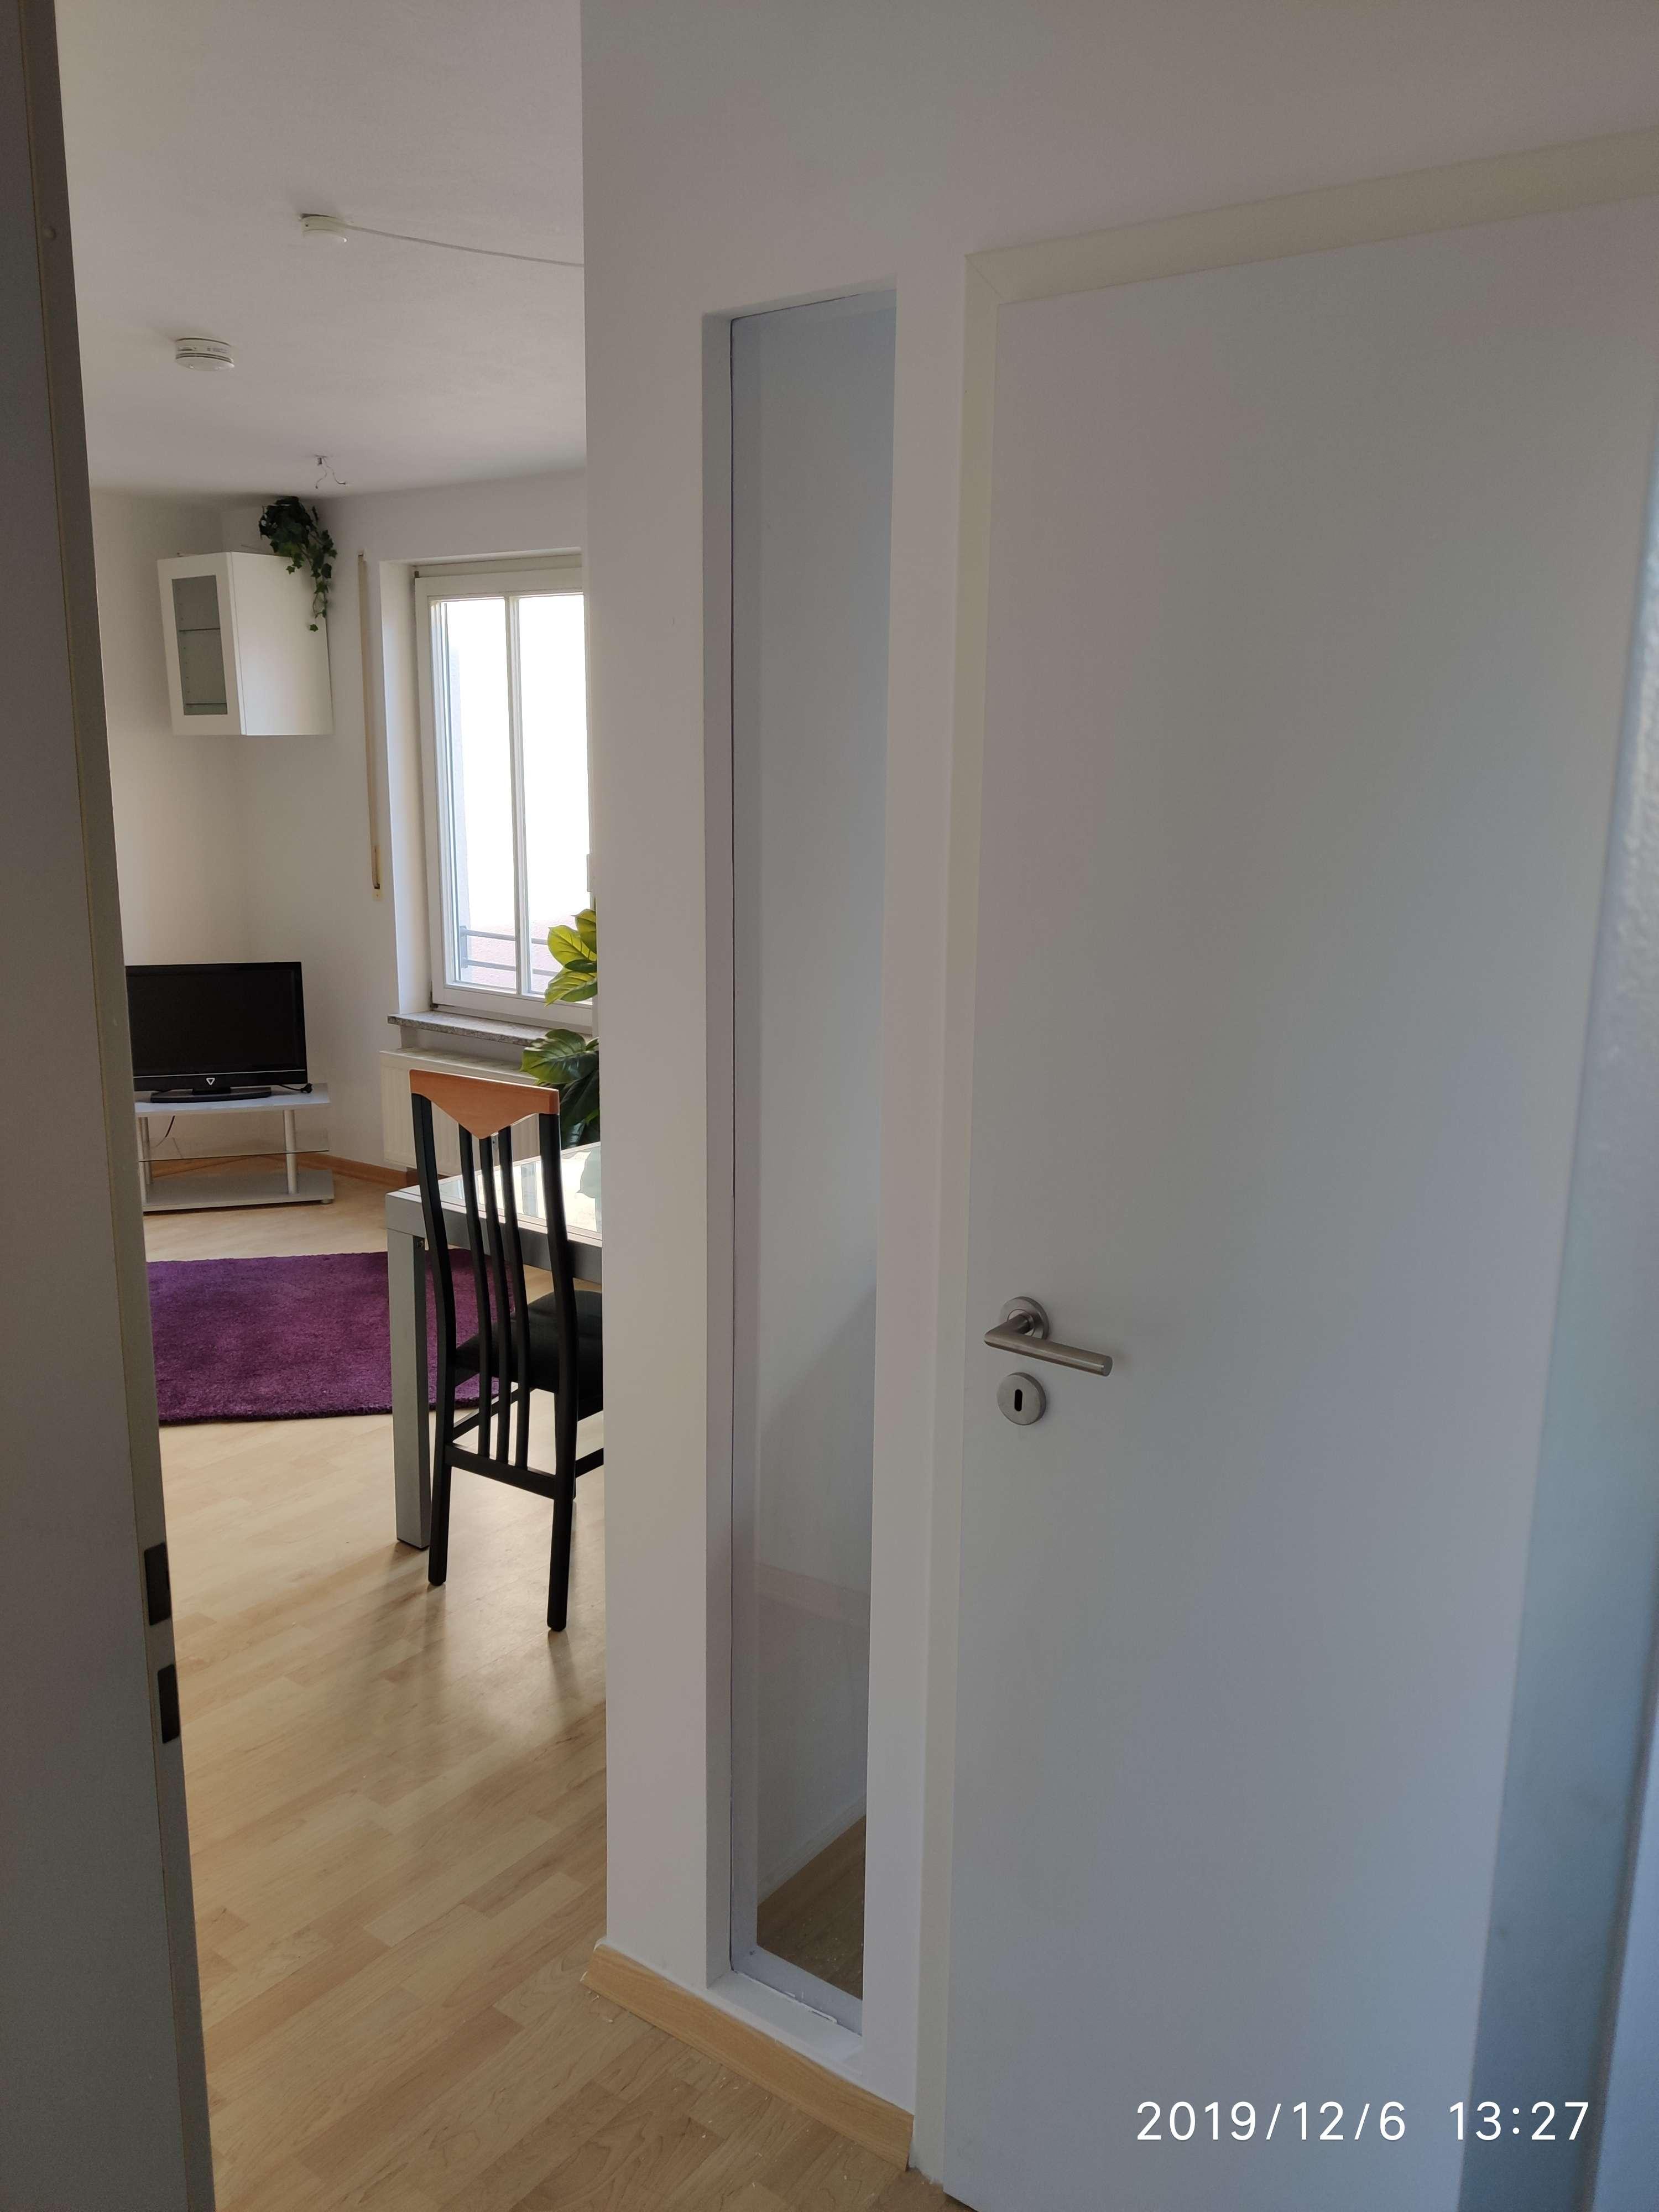 *Befristet* Exklusive, möbilierte, gepflegte 1,5-Zimmer-Wohnung mit Balkon und EBK in Unterhaching in Unterhaching